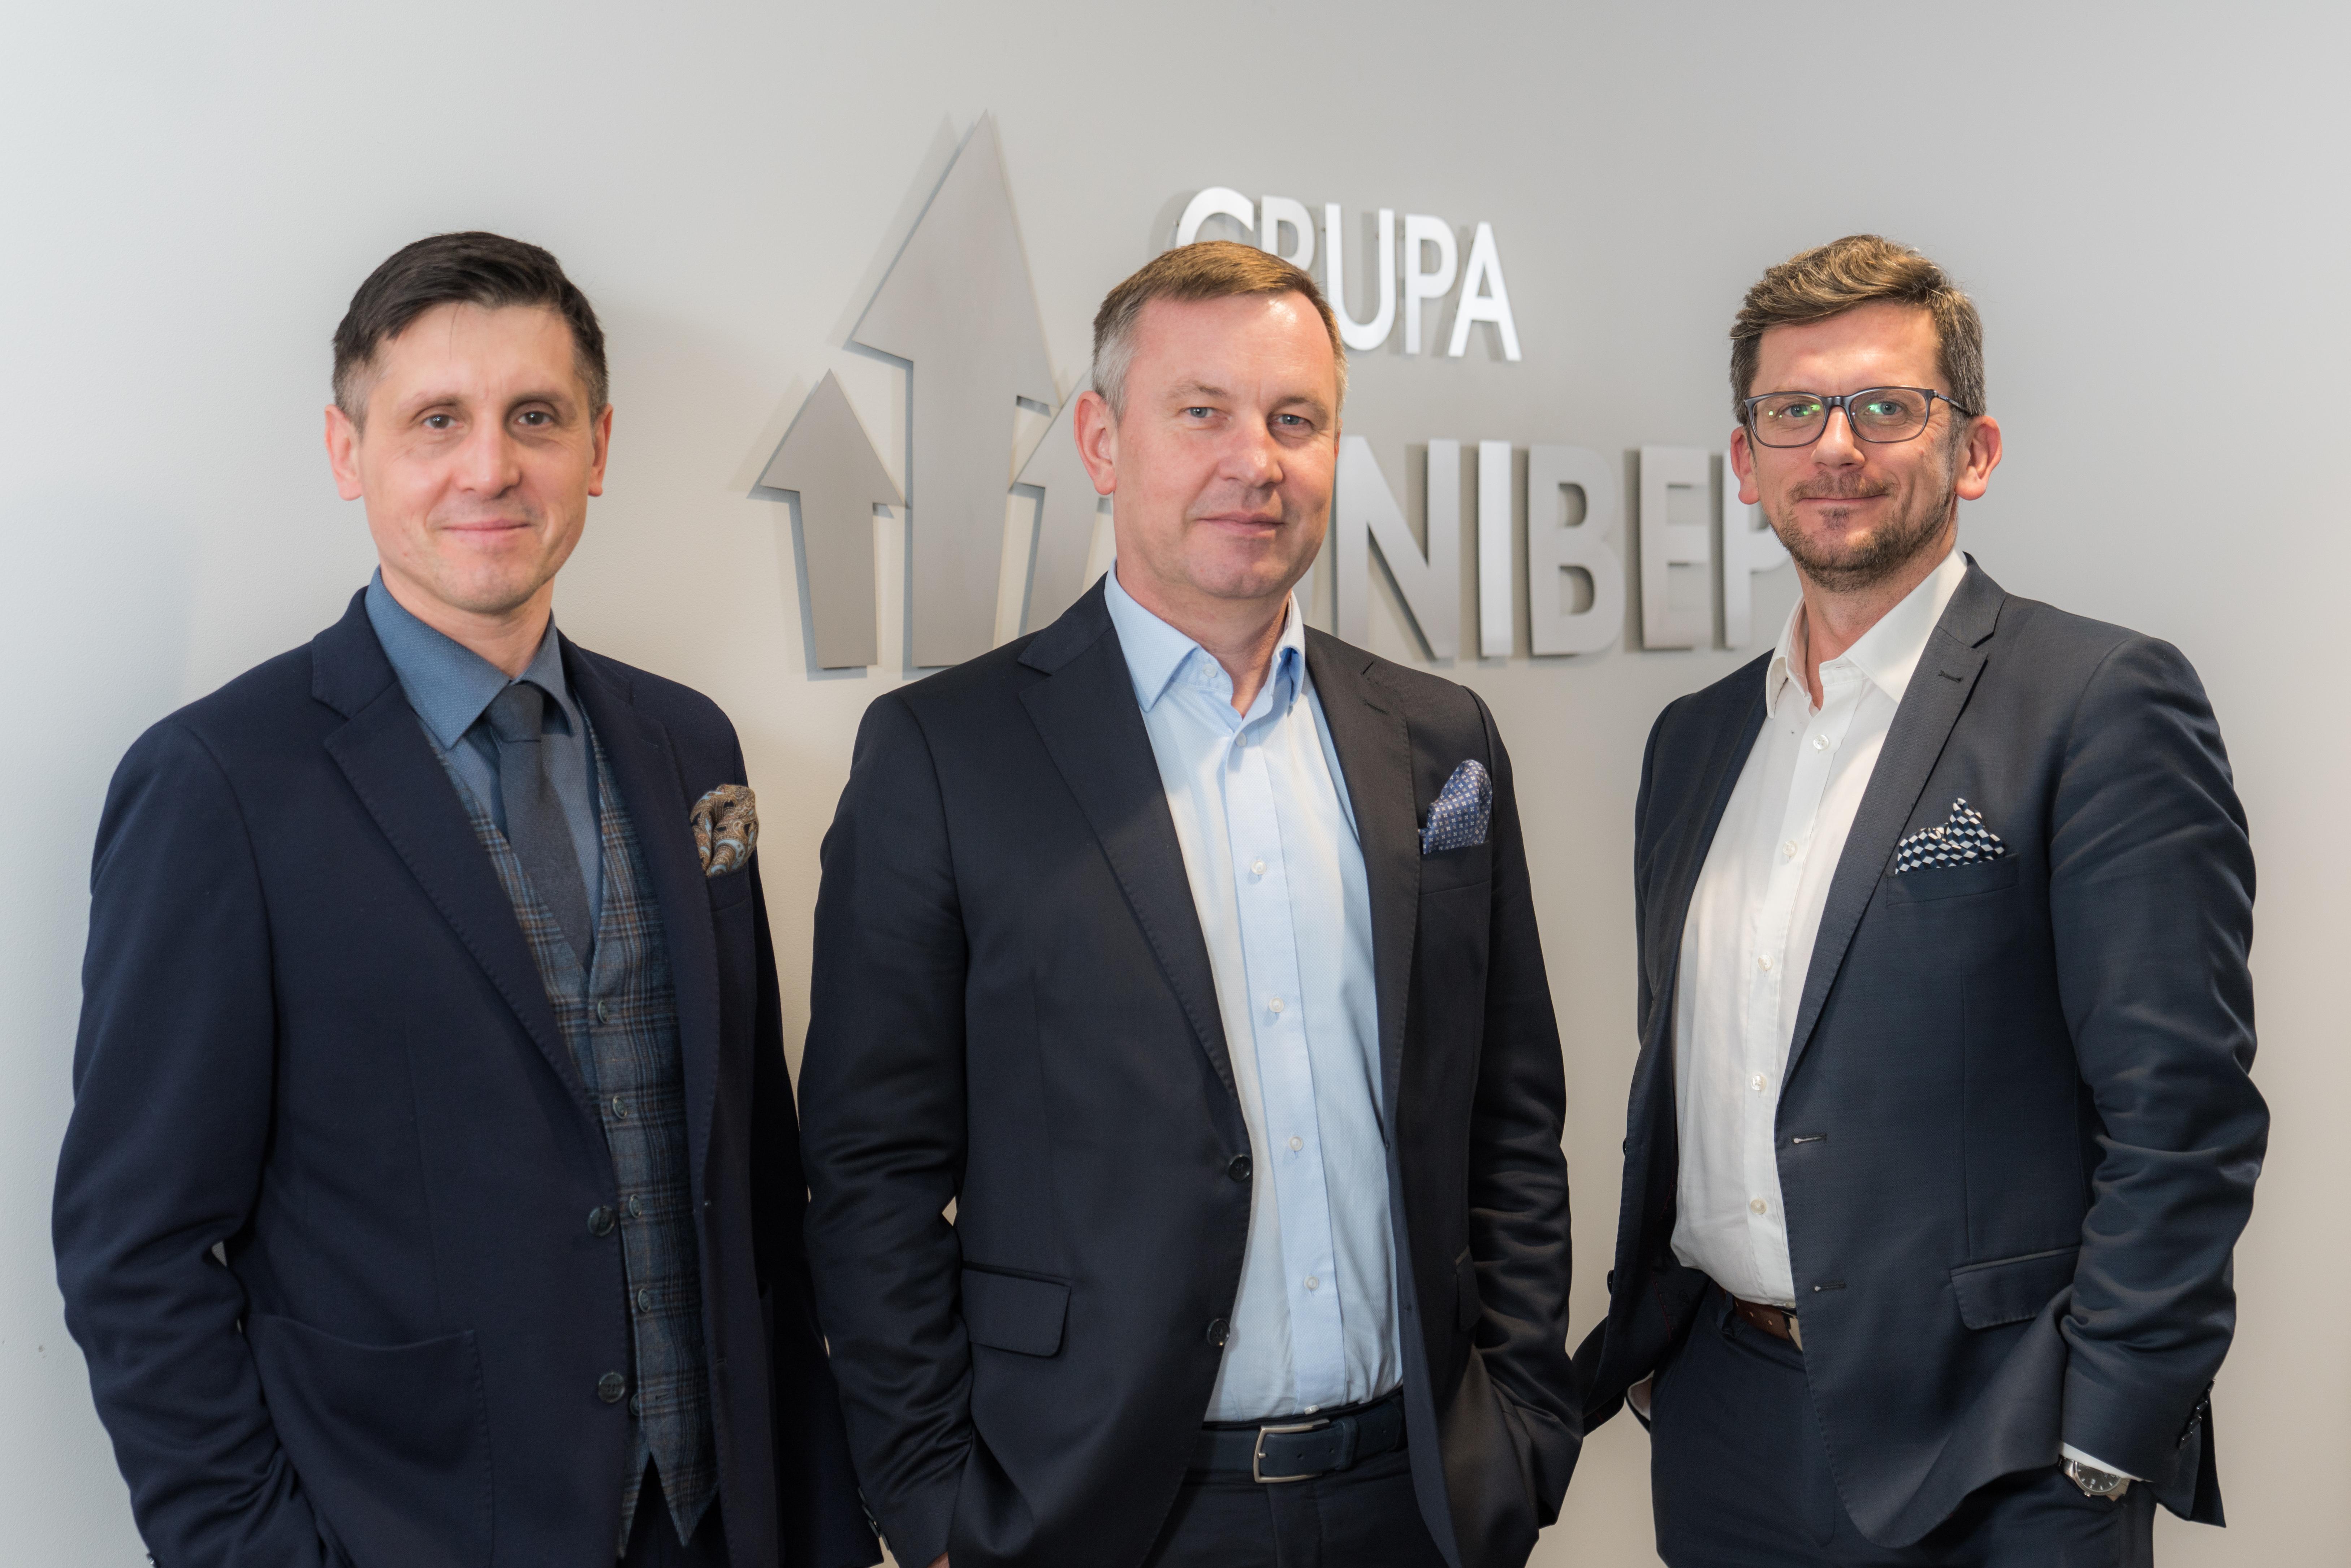 Nowy zarząd Unibep SA w dotychczasowym składzie